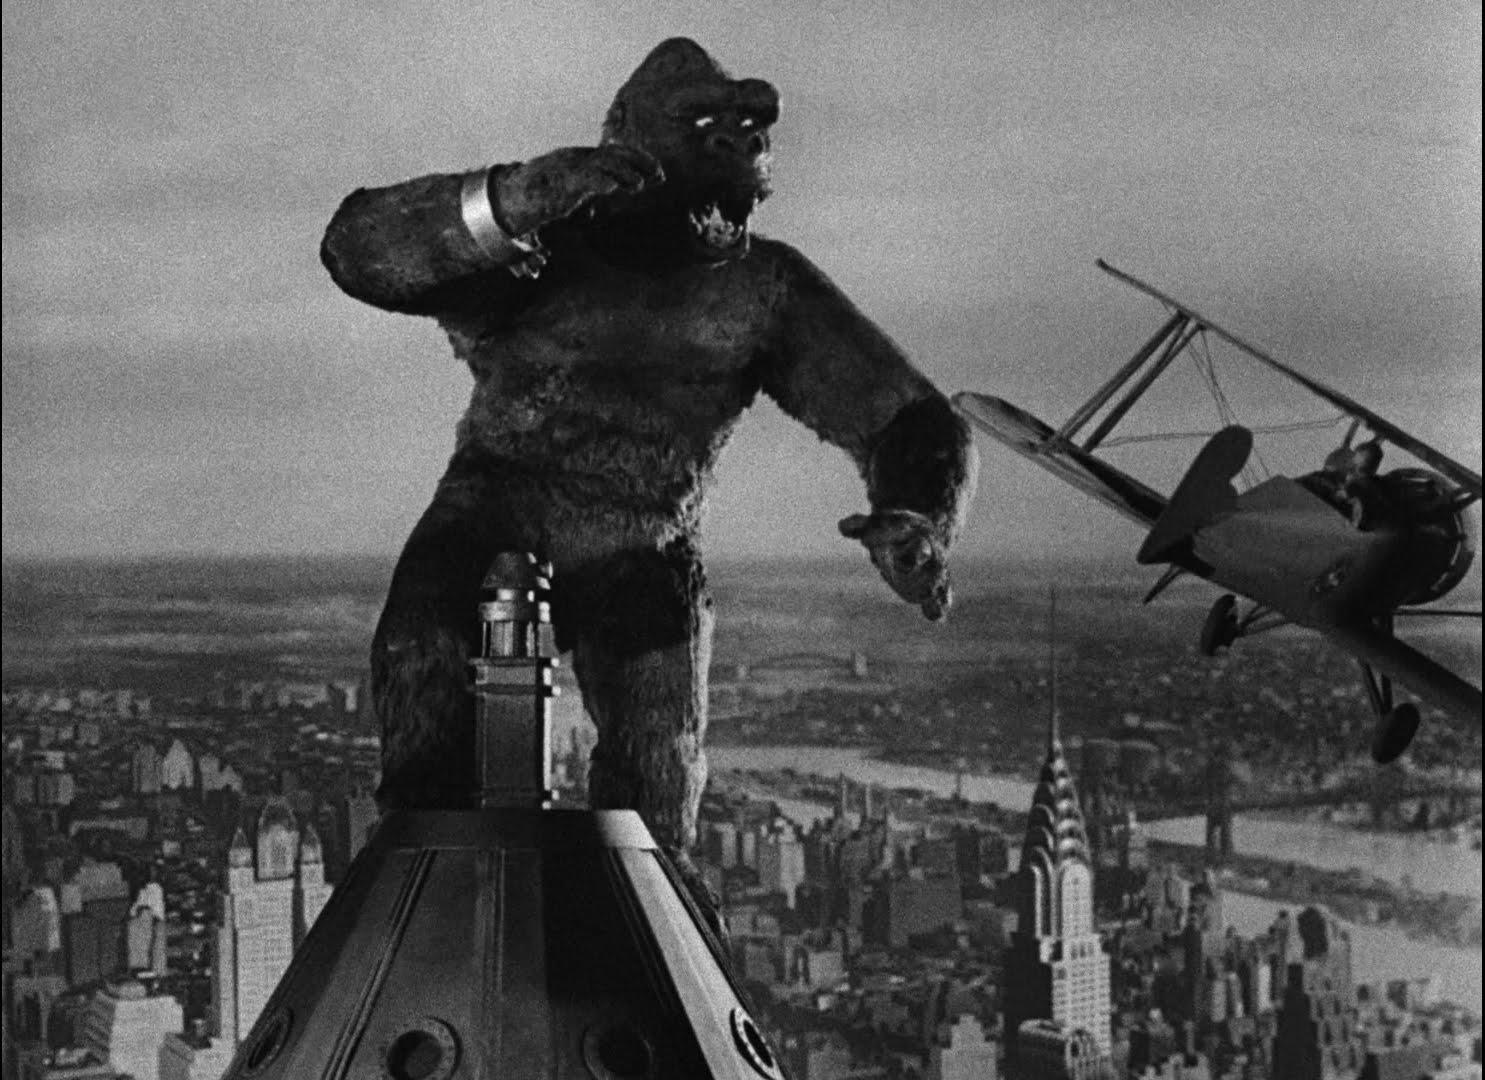 Legendary Reveals New King Kong Film: Skull Island